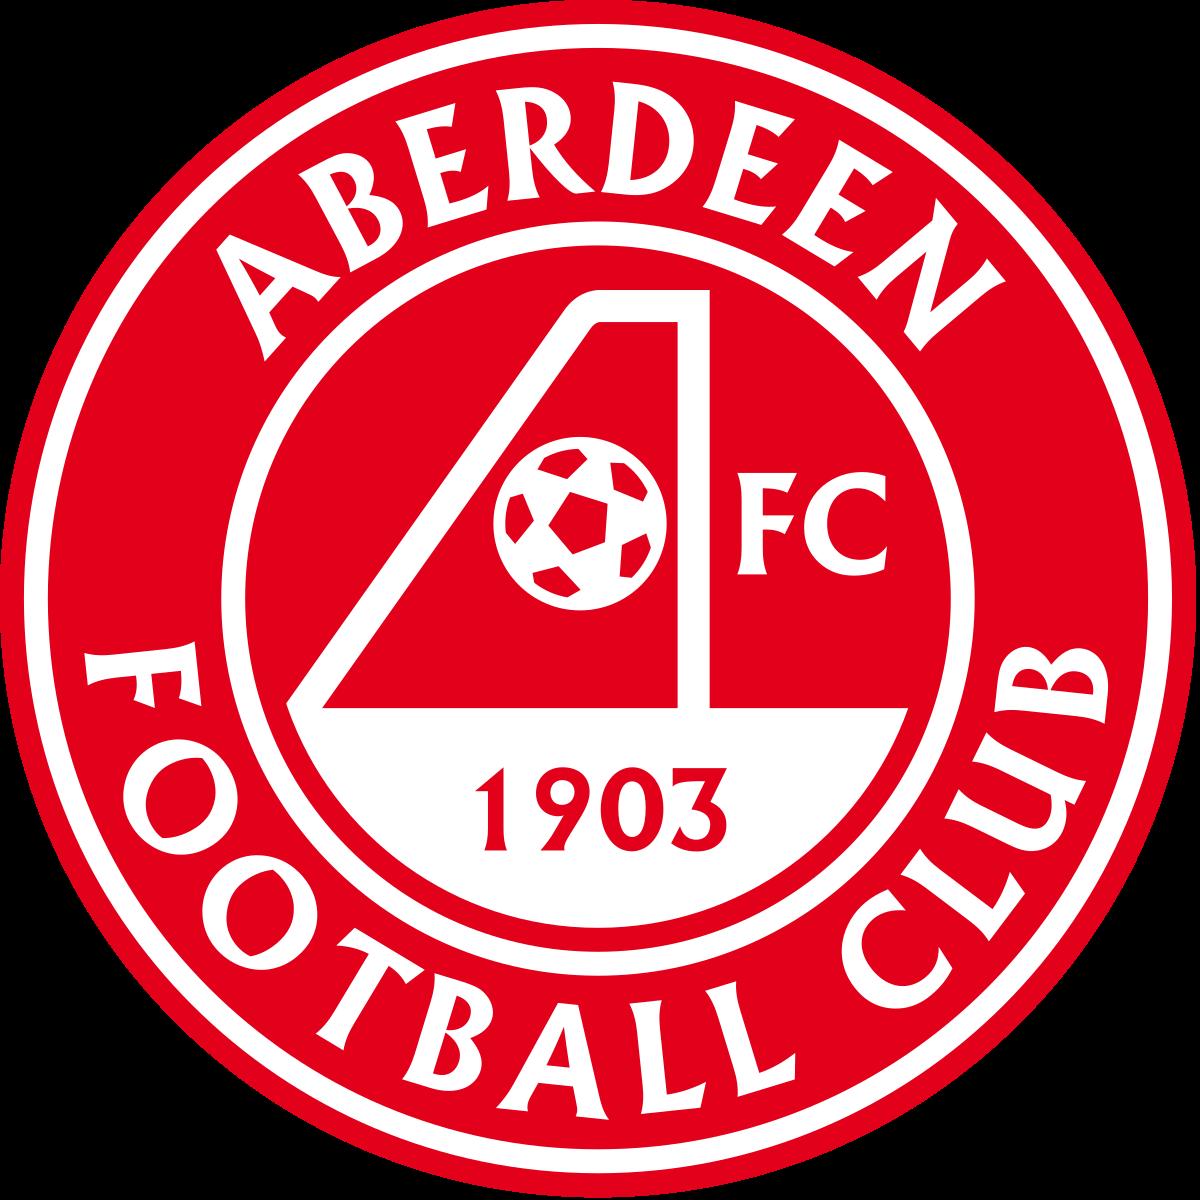 Aberdeen FC herb